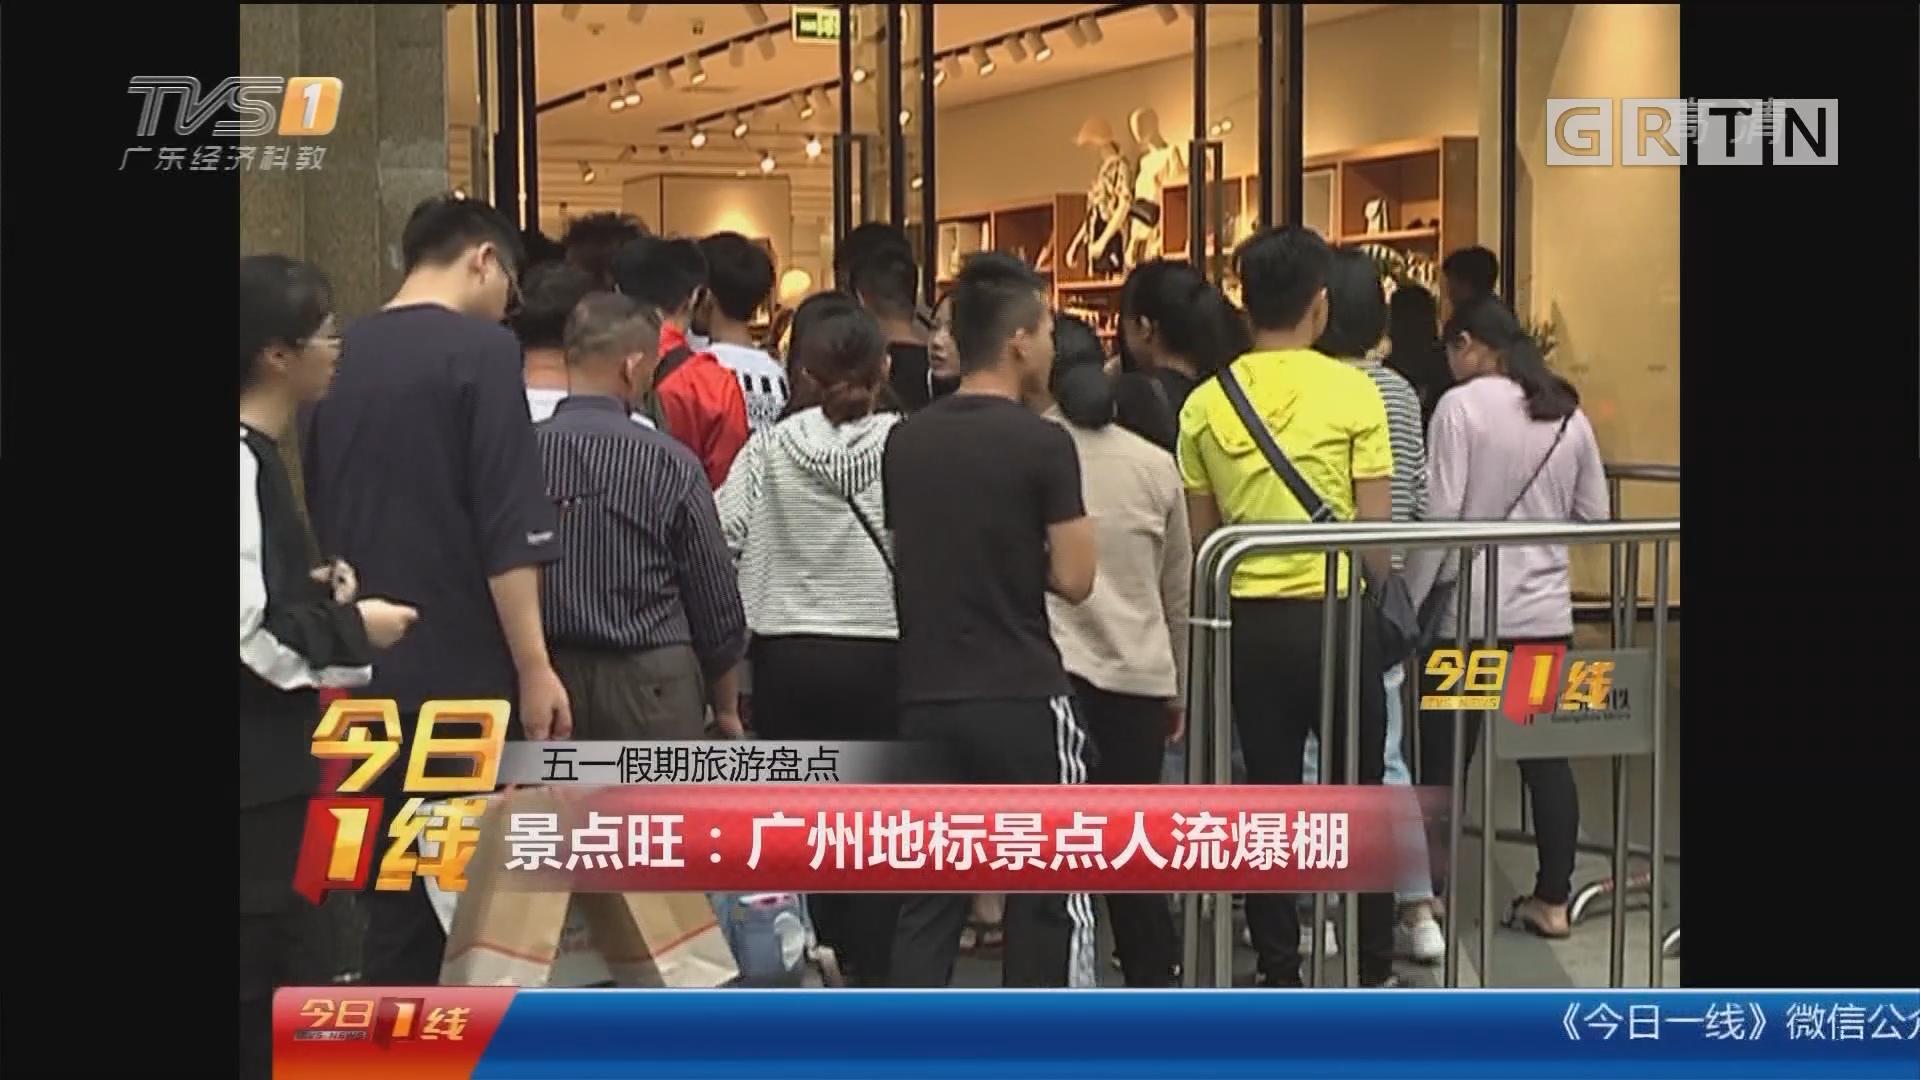 五一假期旅游盘点 景点旺:广州地标景点人流爆棚